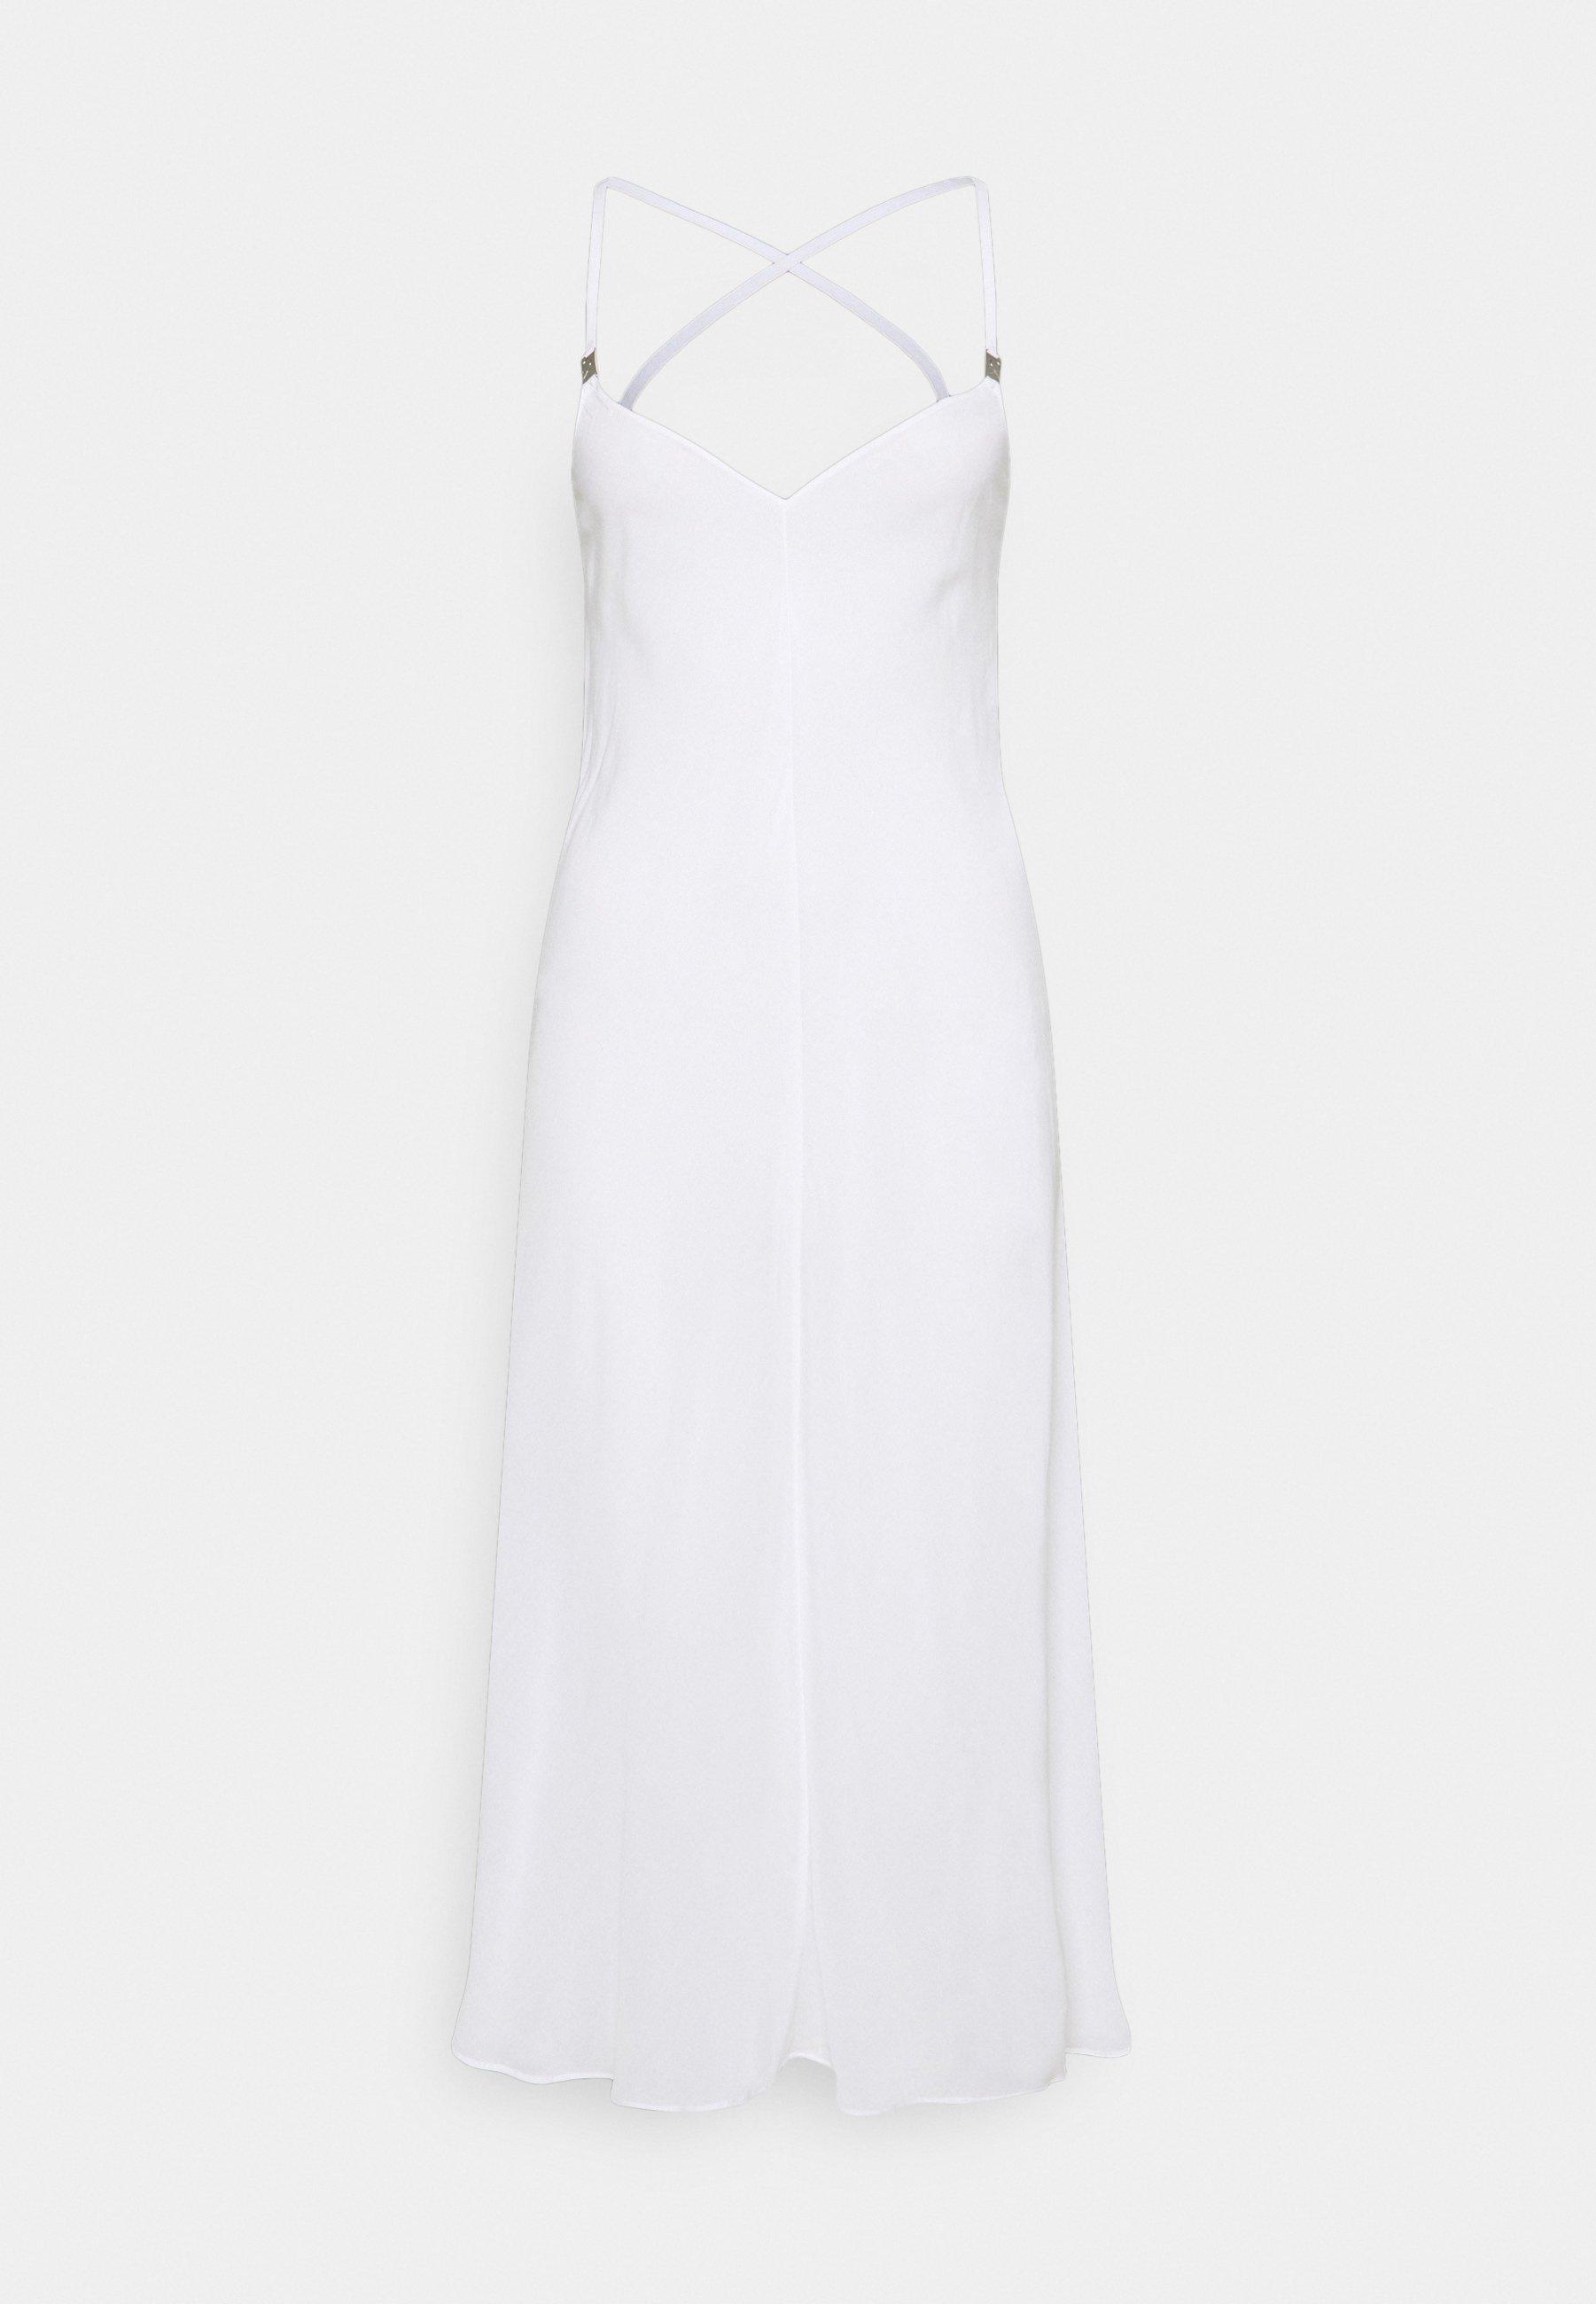 Donna CORE TEXTURED DRESS - Accessorio da spiaggia